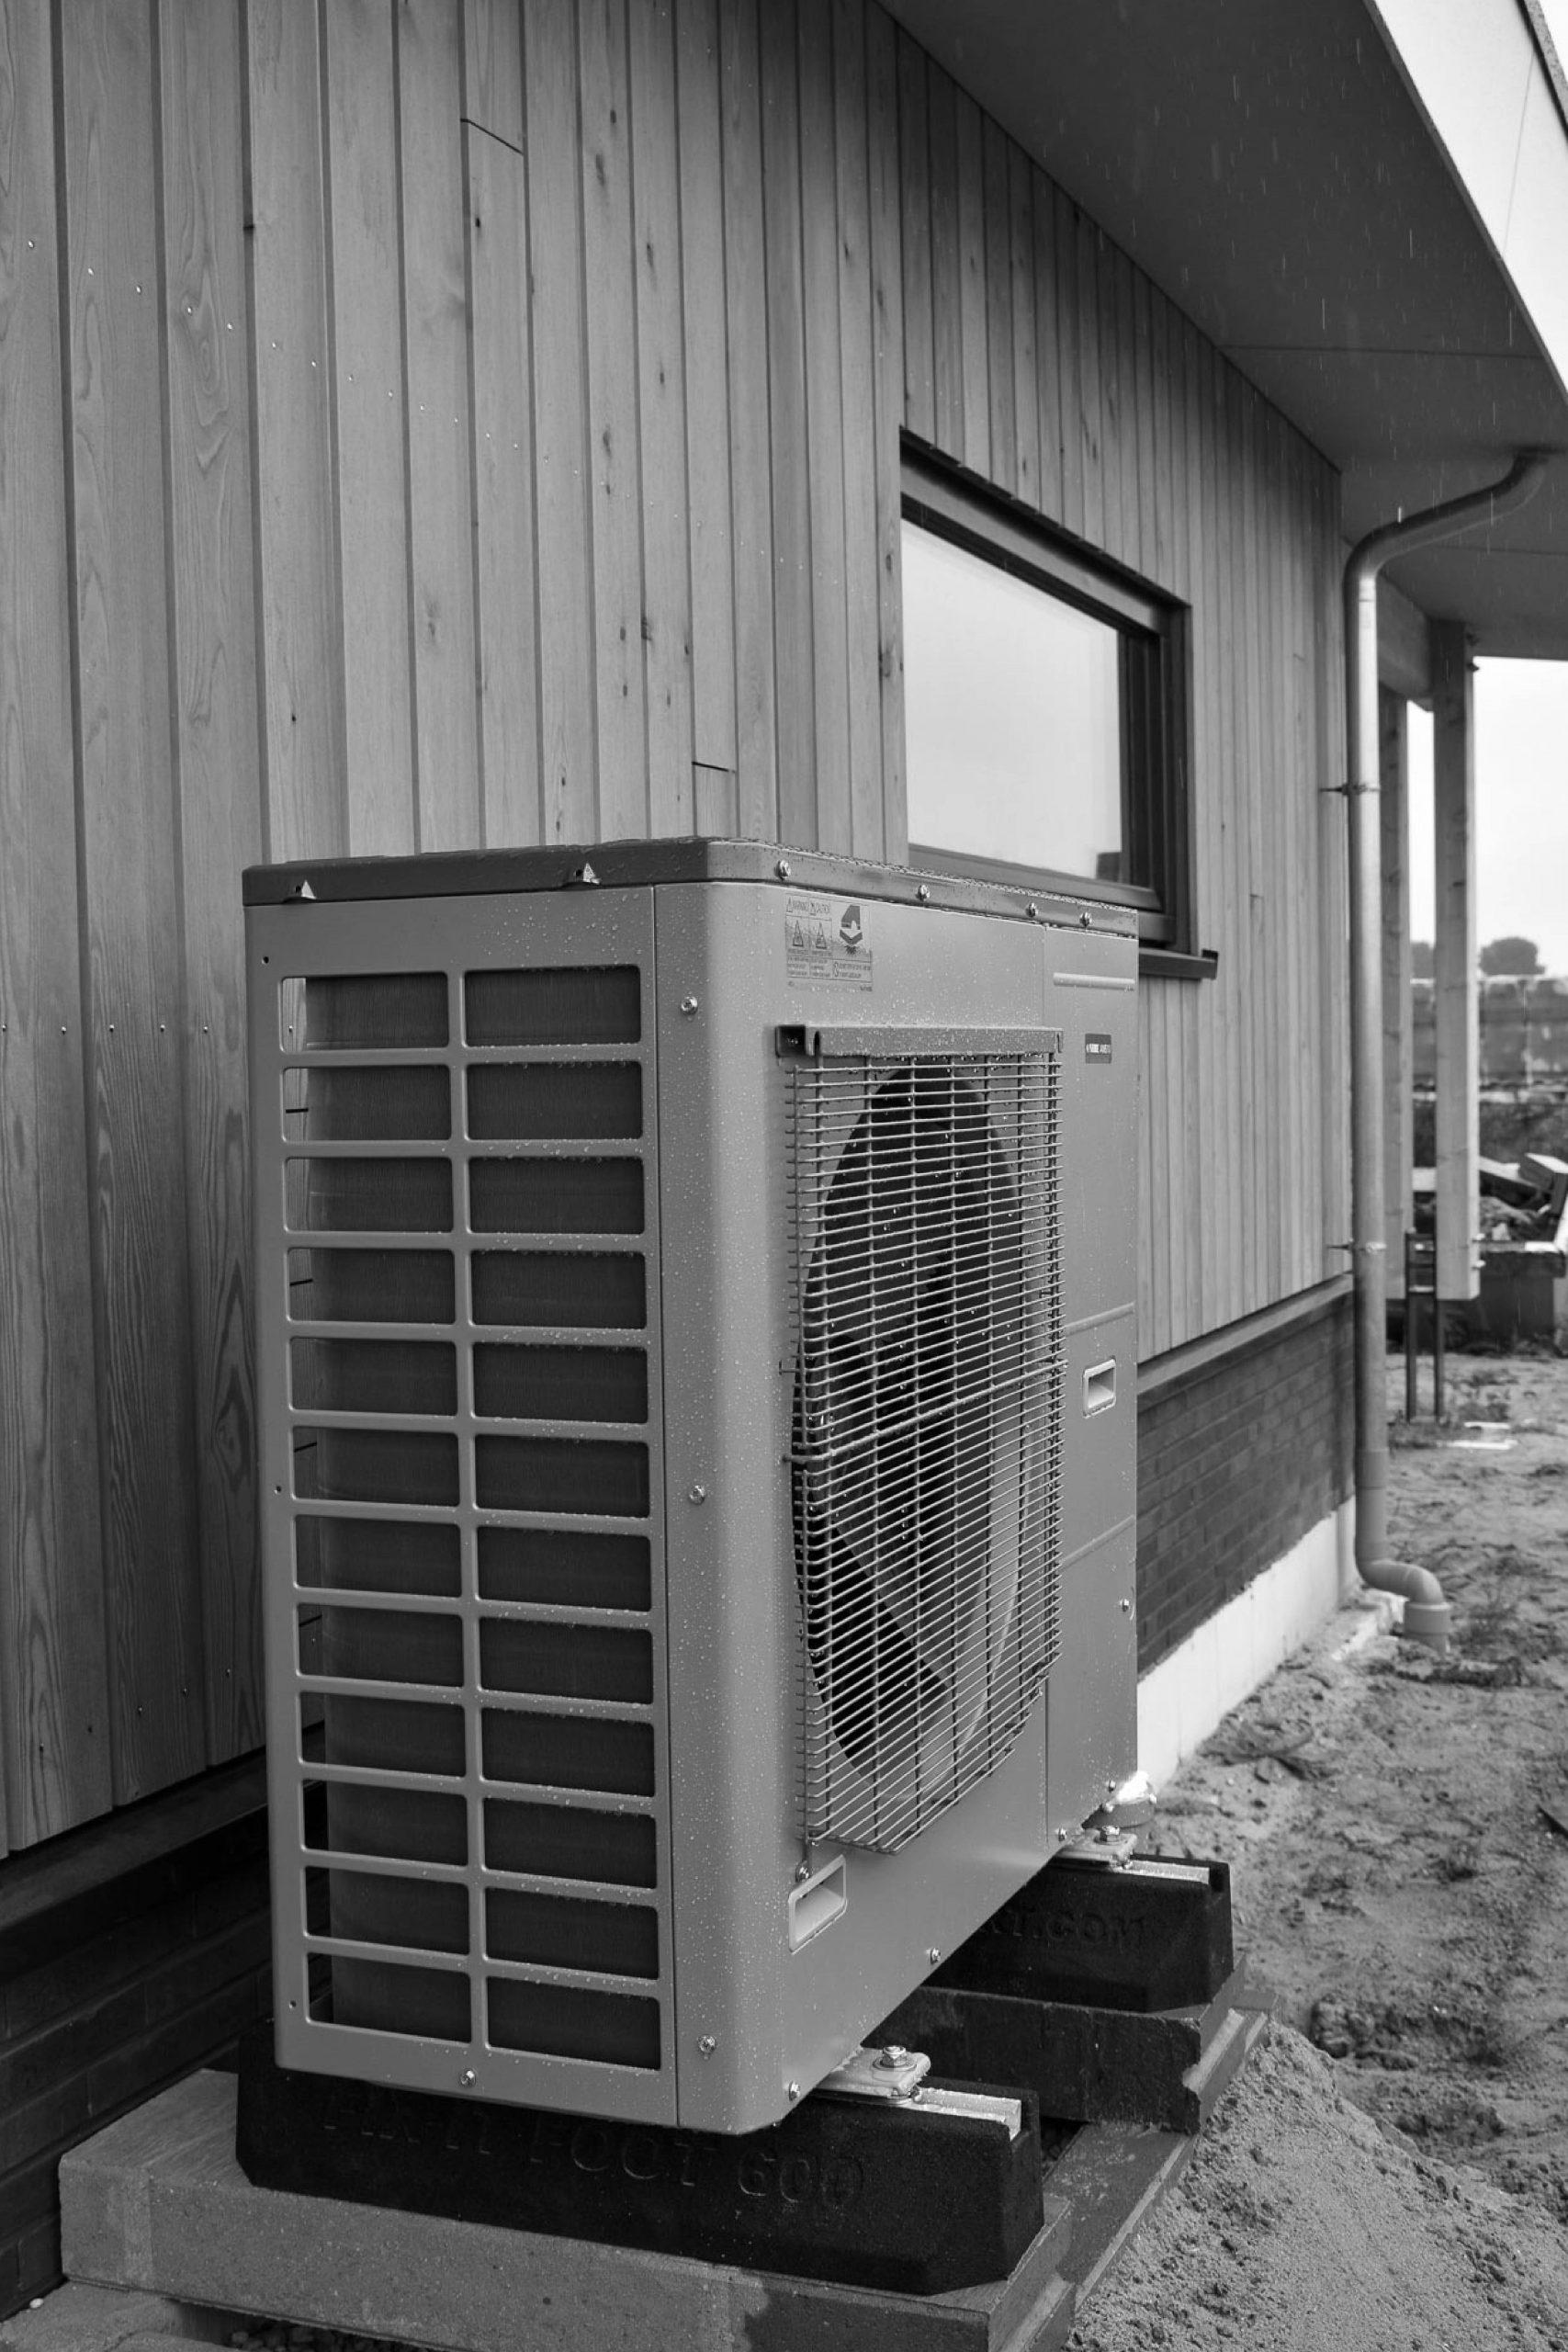 Duurzaam wonen en bouwen met een warmtepomp